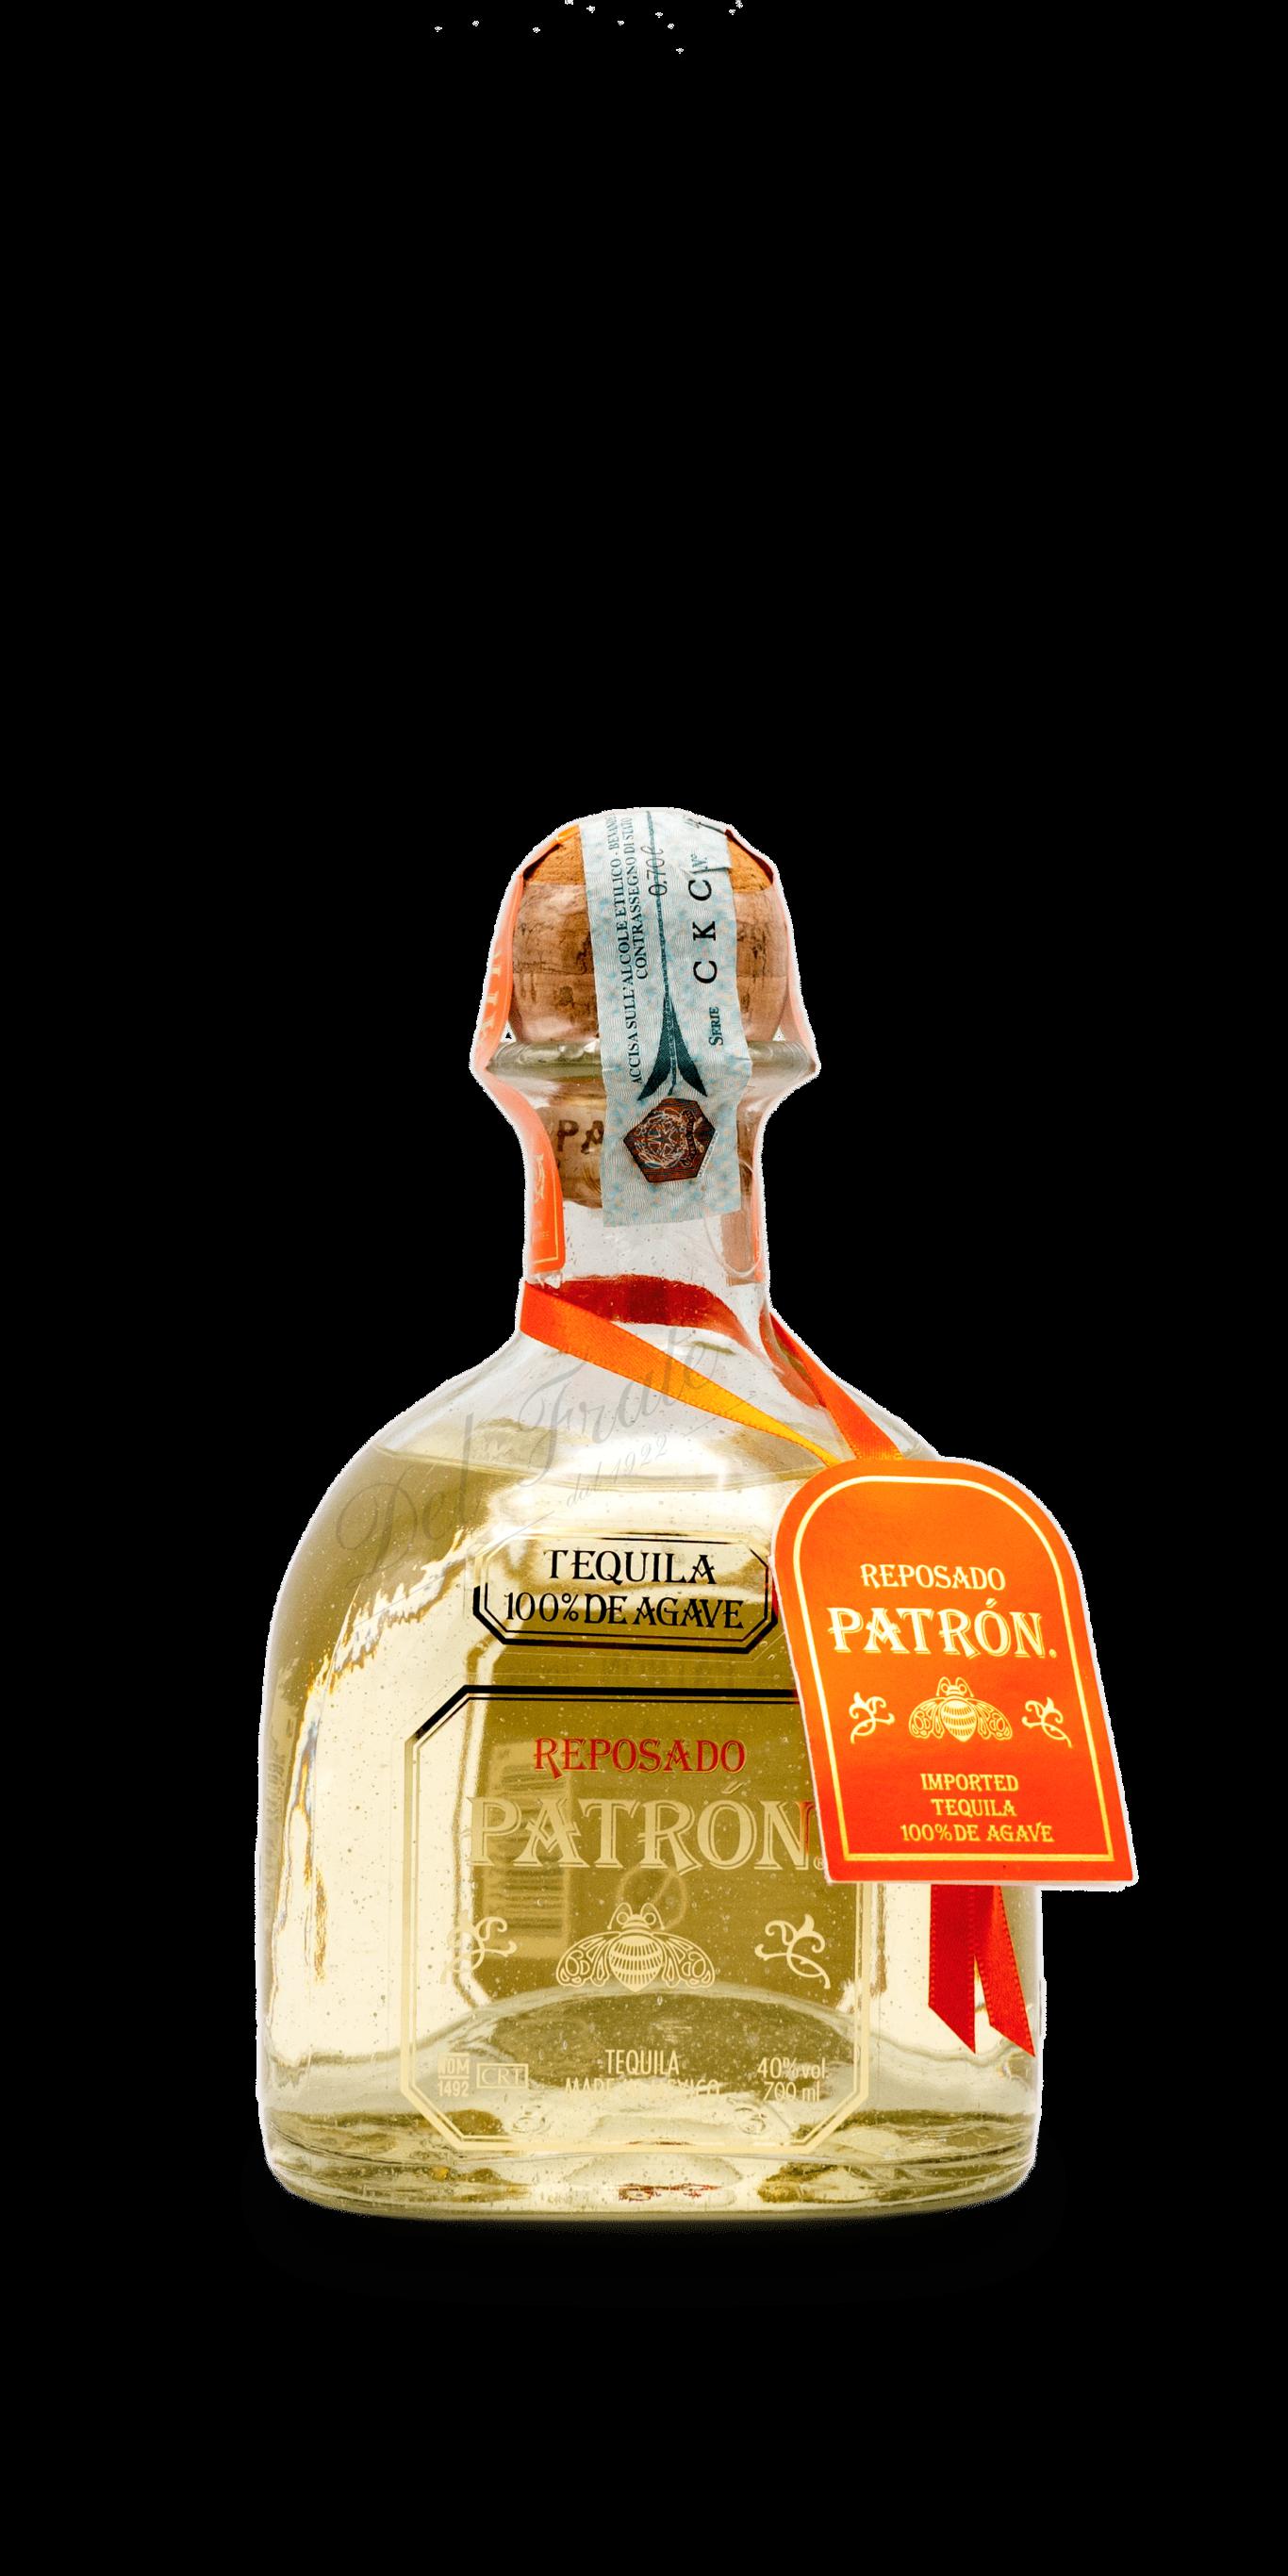 Текила патрон аньехо — история алкоголя